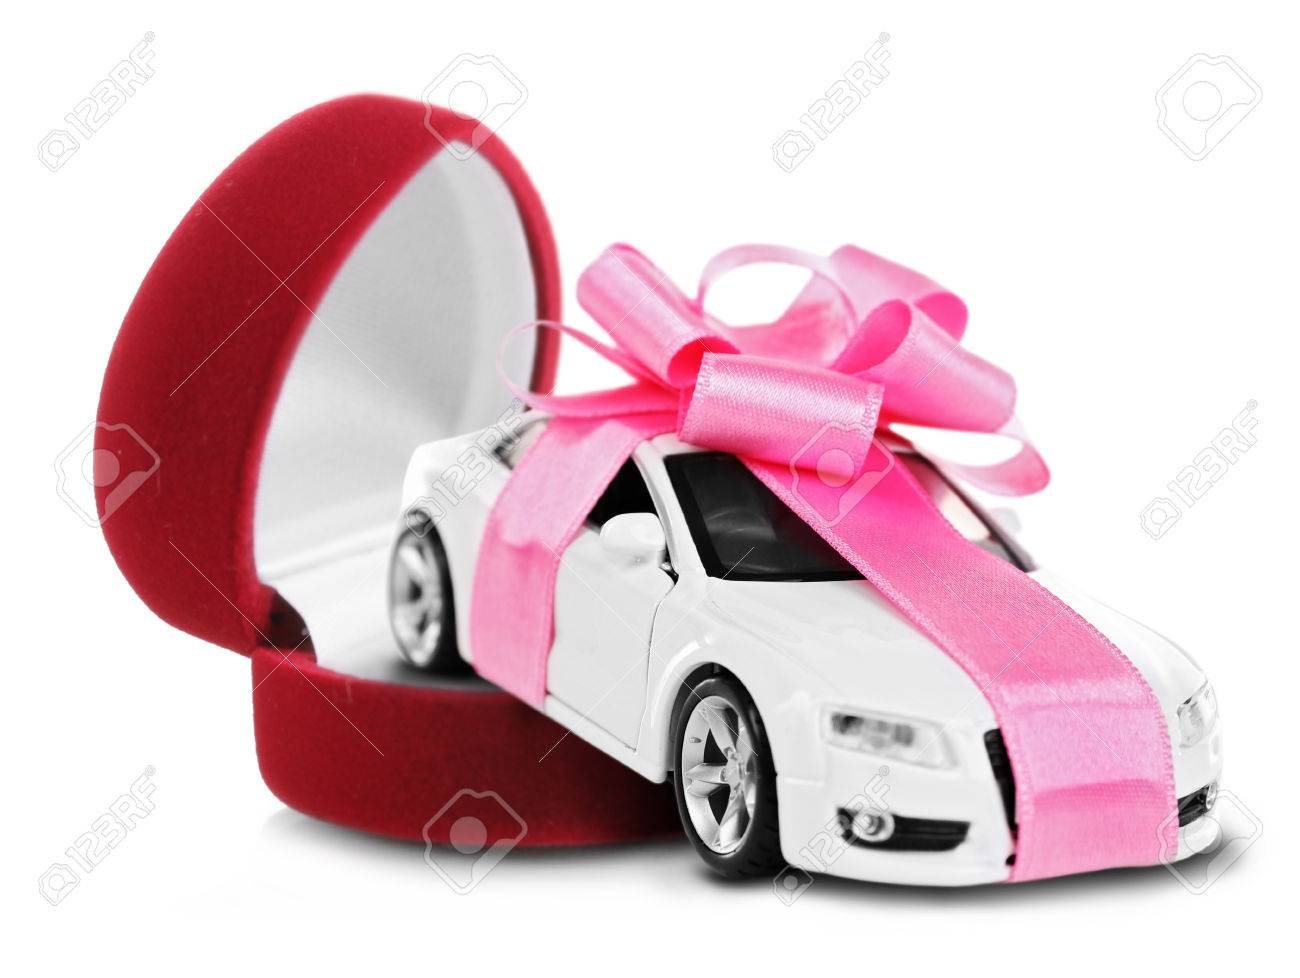 Neues Auto Mit Rosafarbenem Bogen Als Geschenk Im Roten